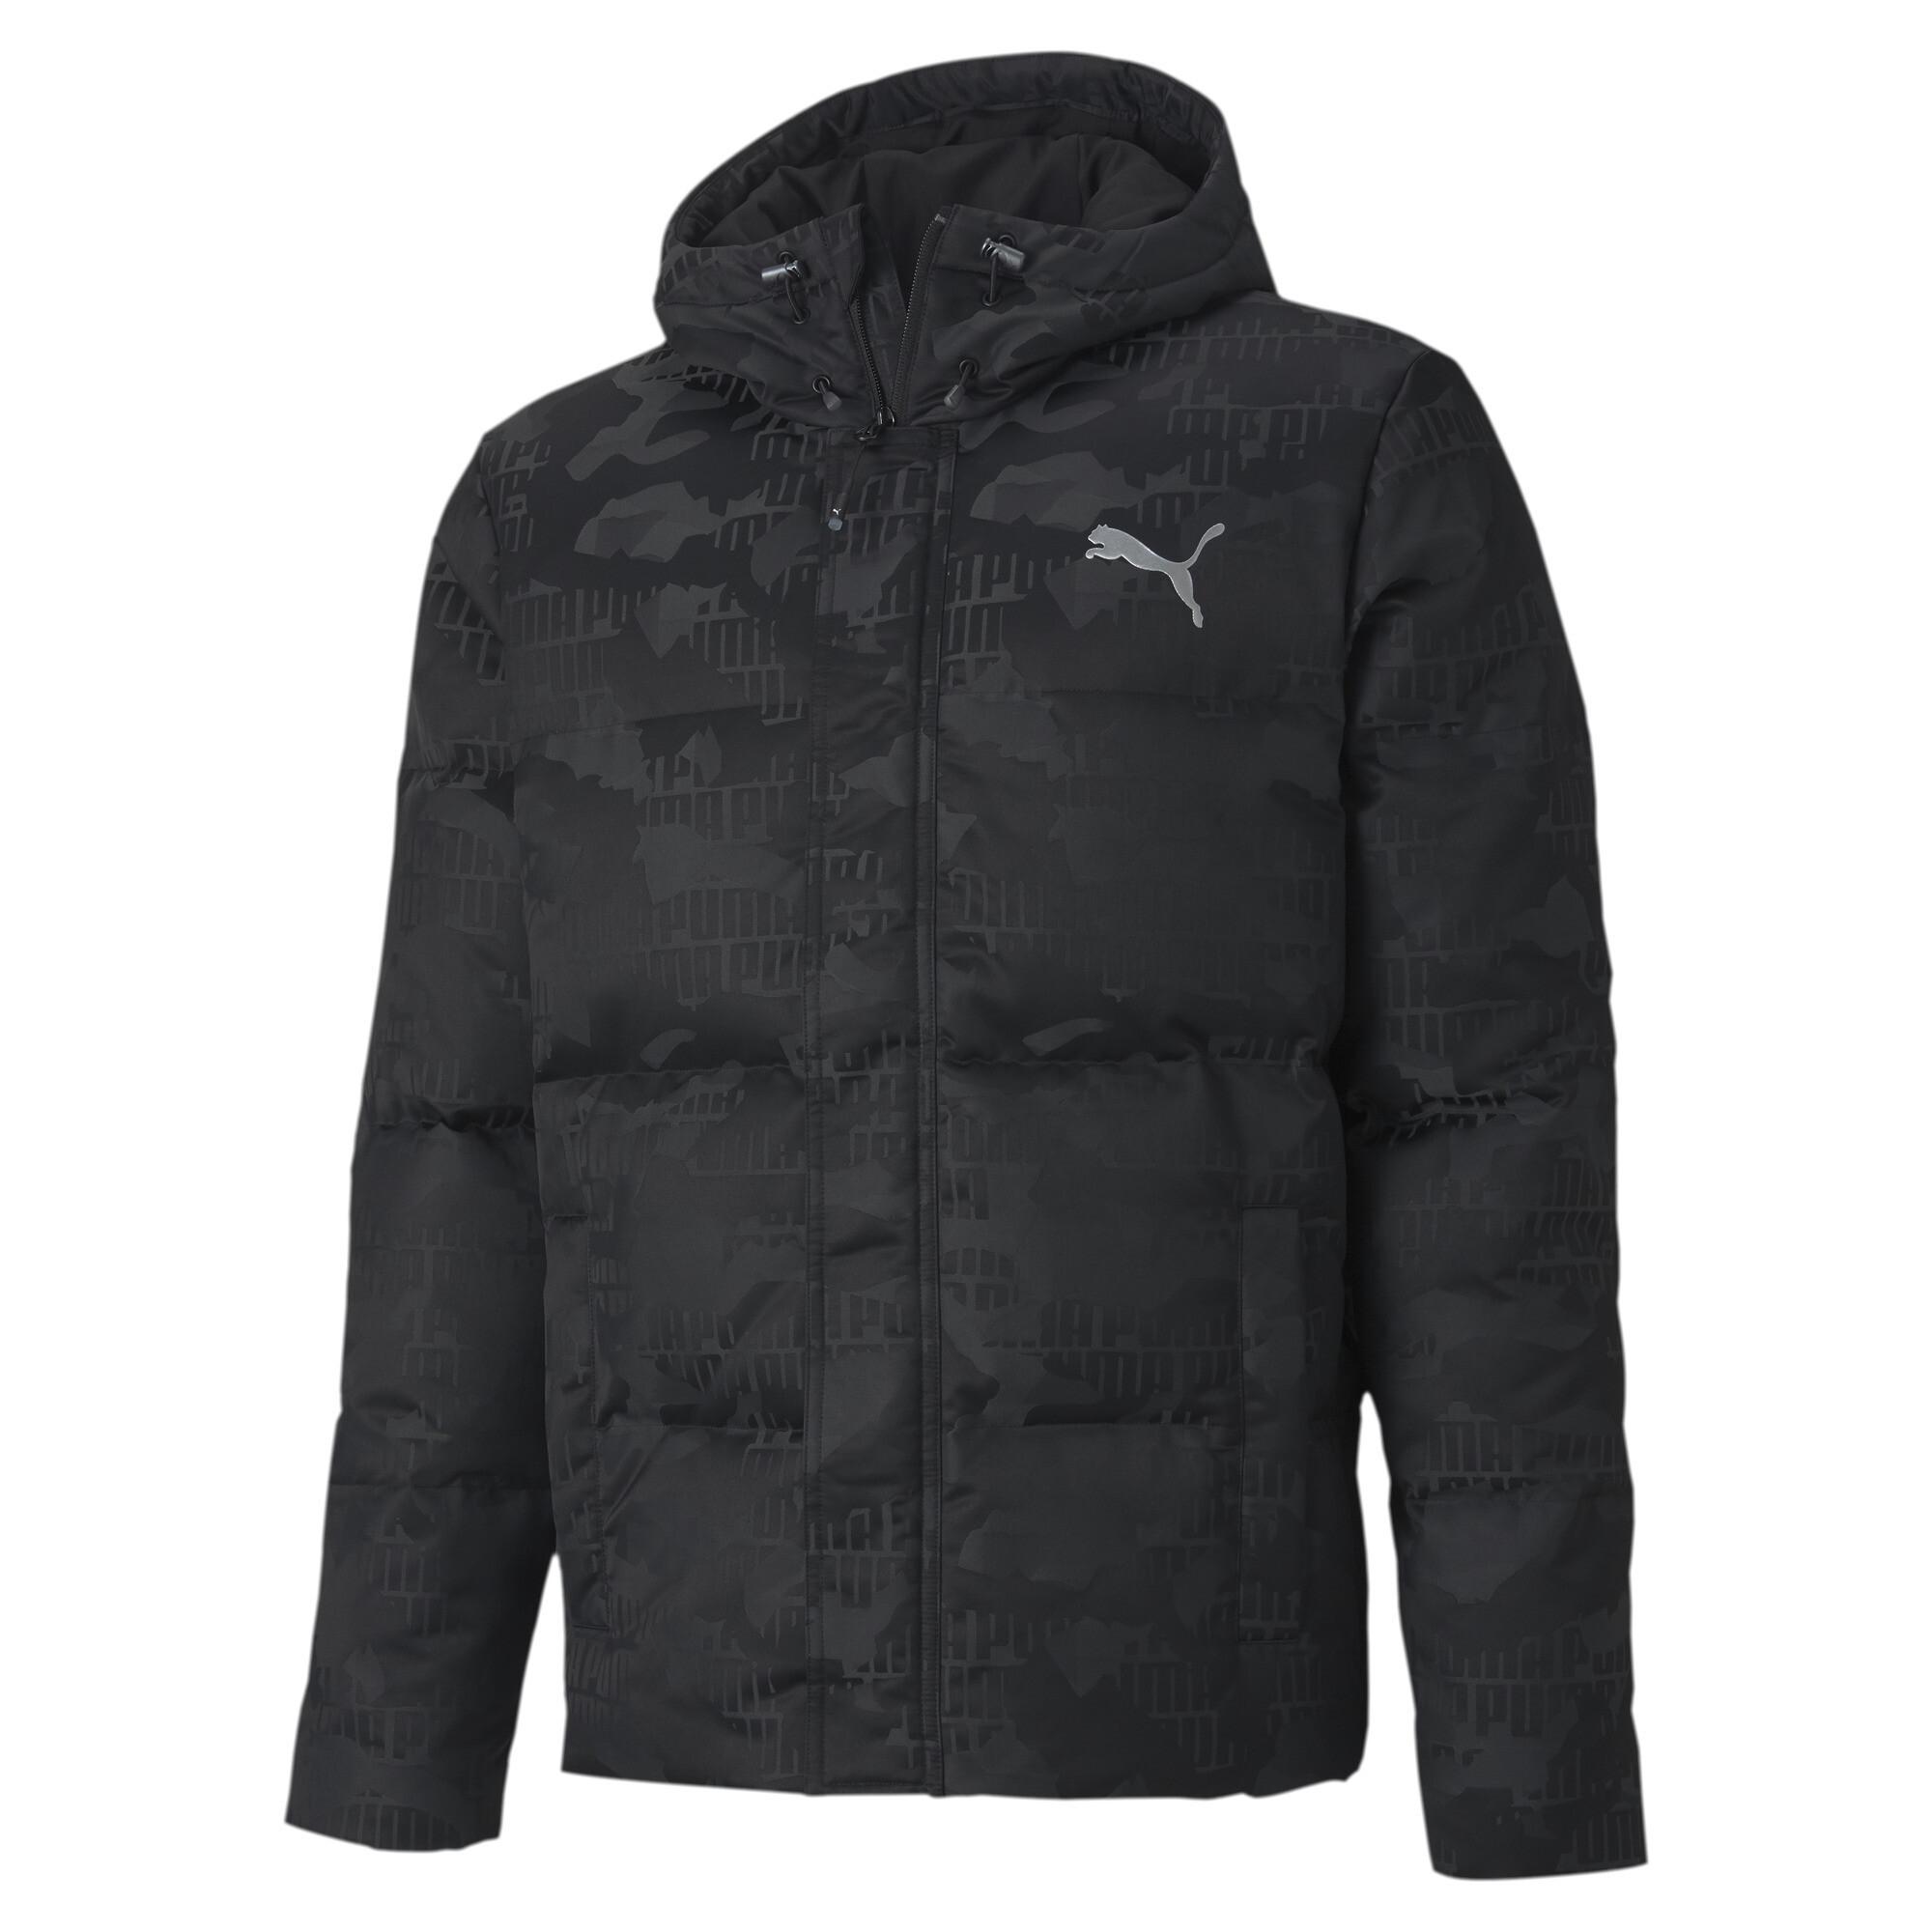 【プーマ公式通販】 プーマ カモ ダウン ジャケット メンズ Puma Black |PUMA.com